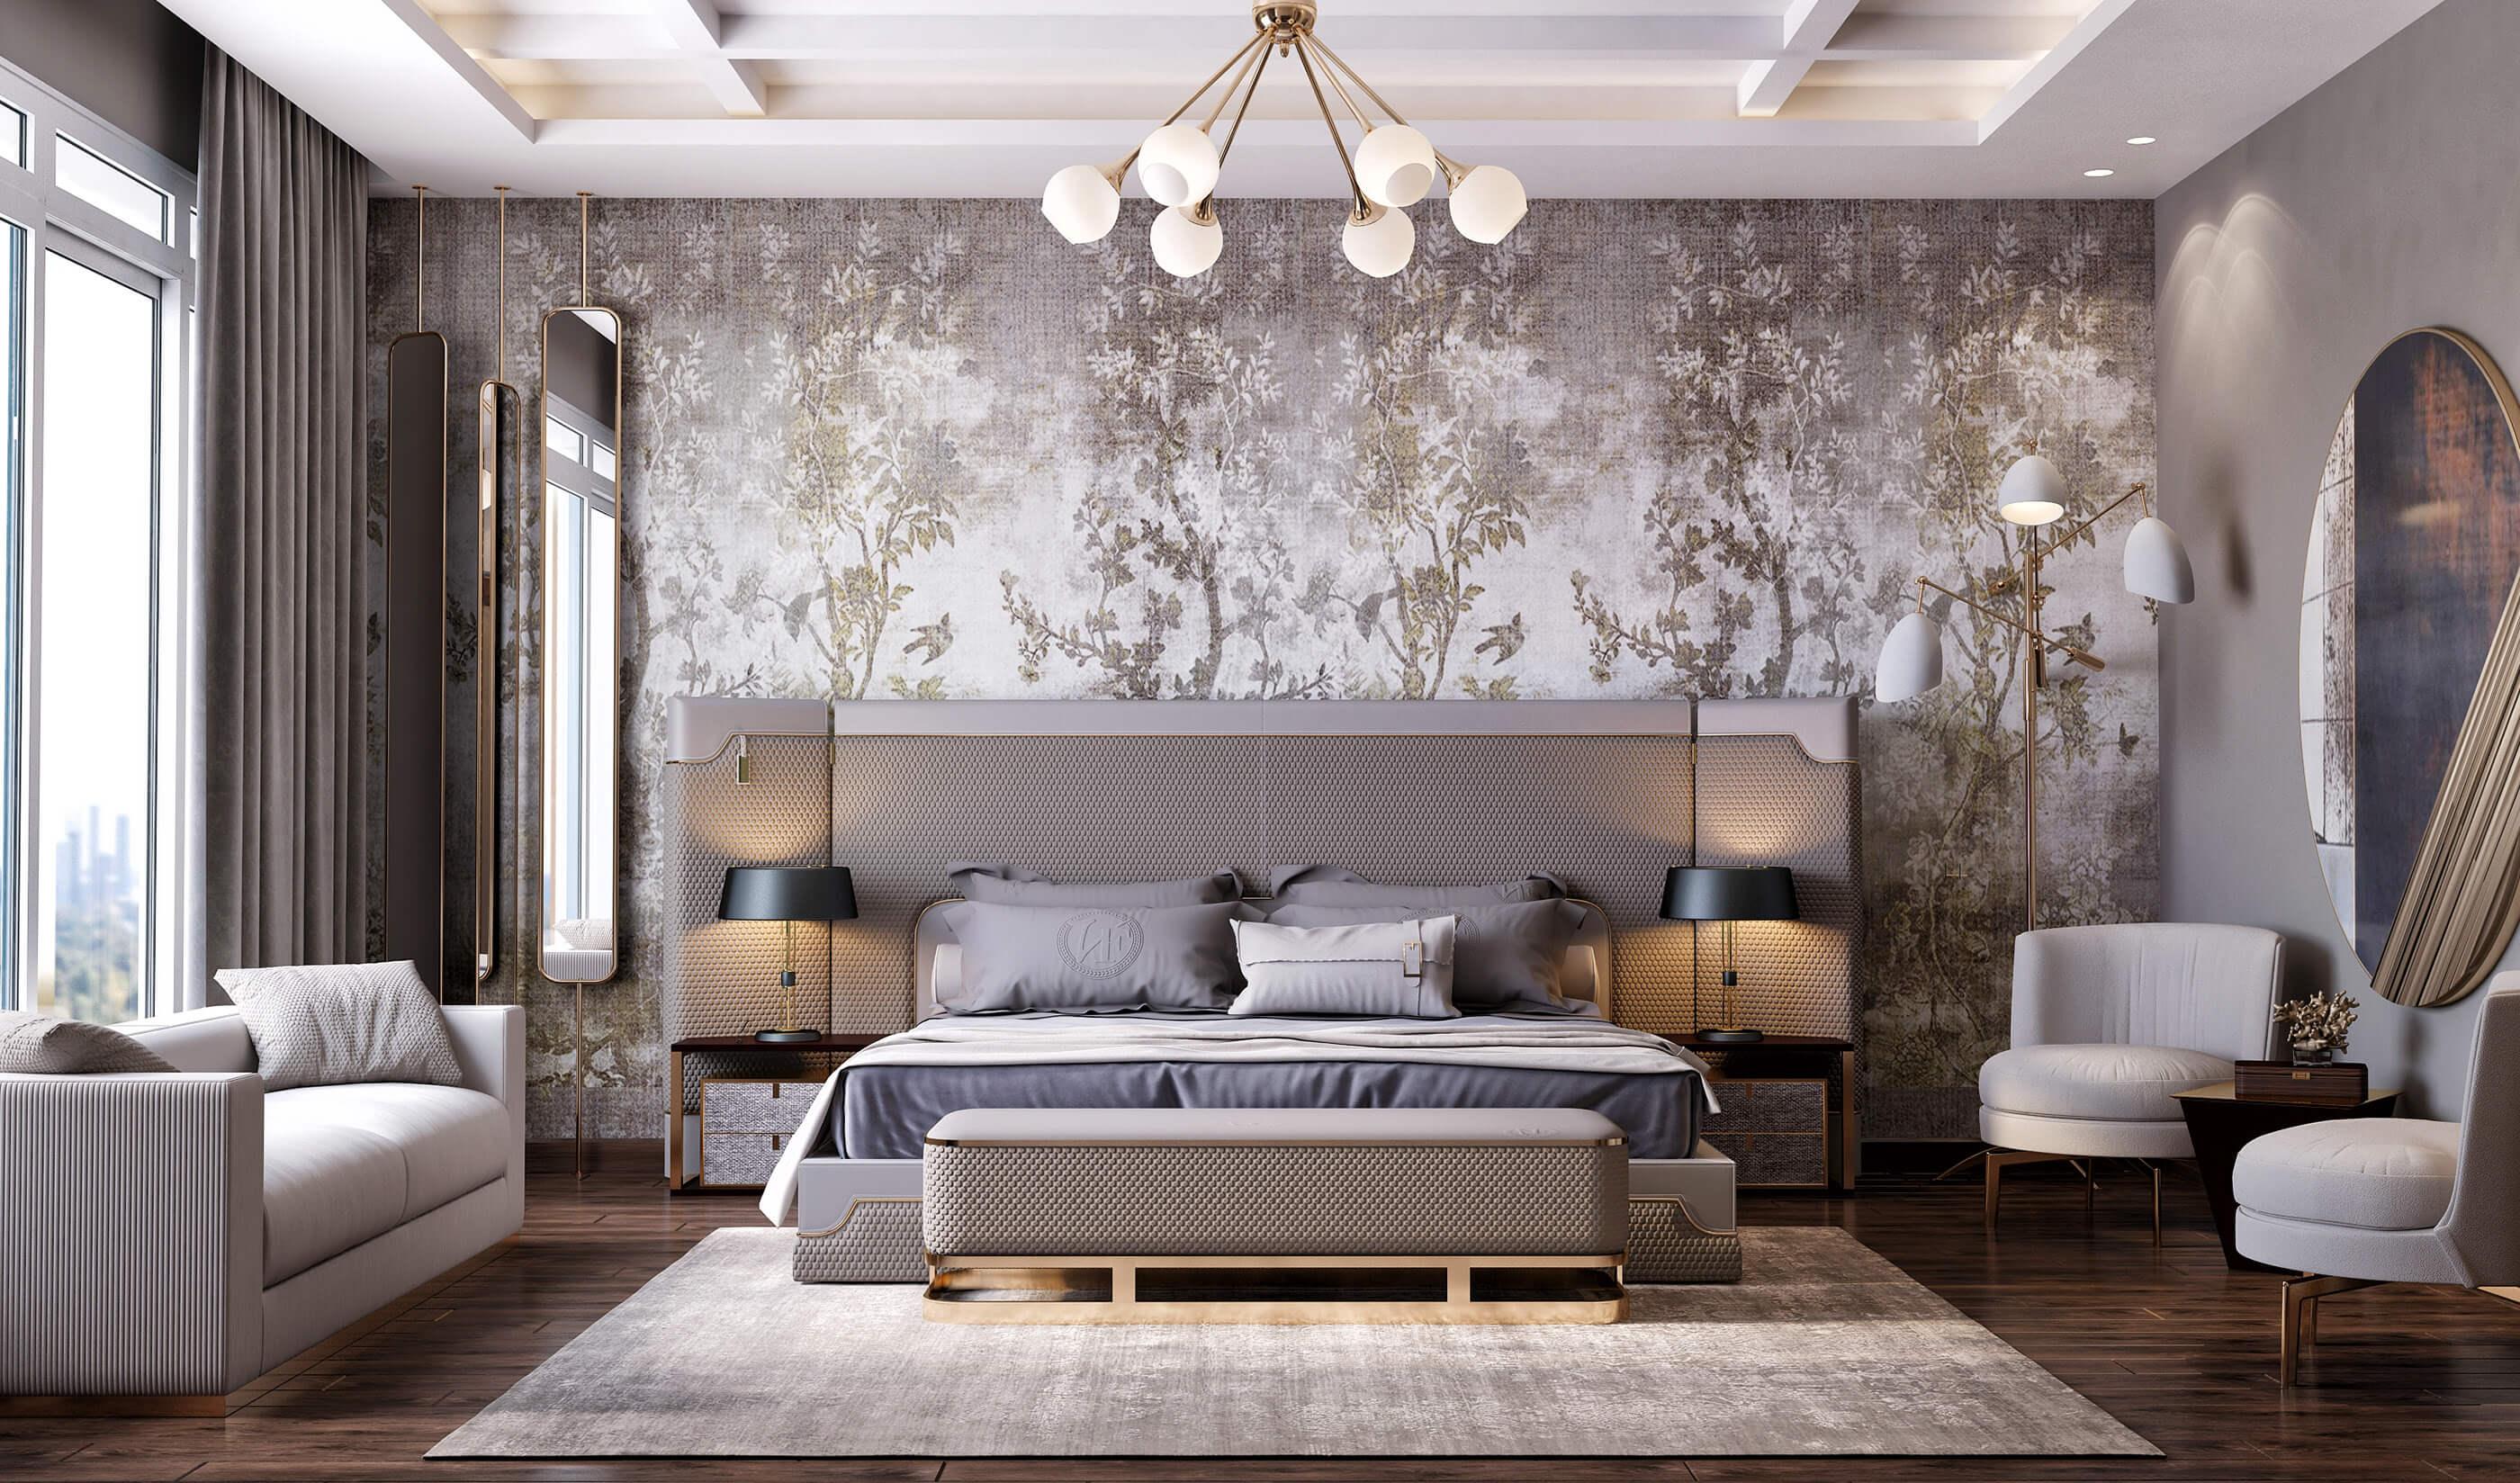 trang trí phòng ngủ sang trọng